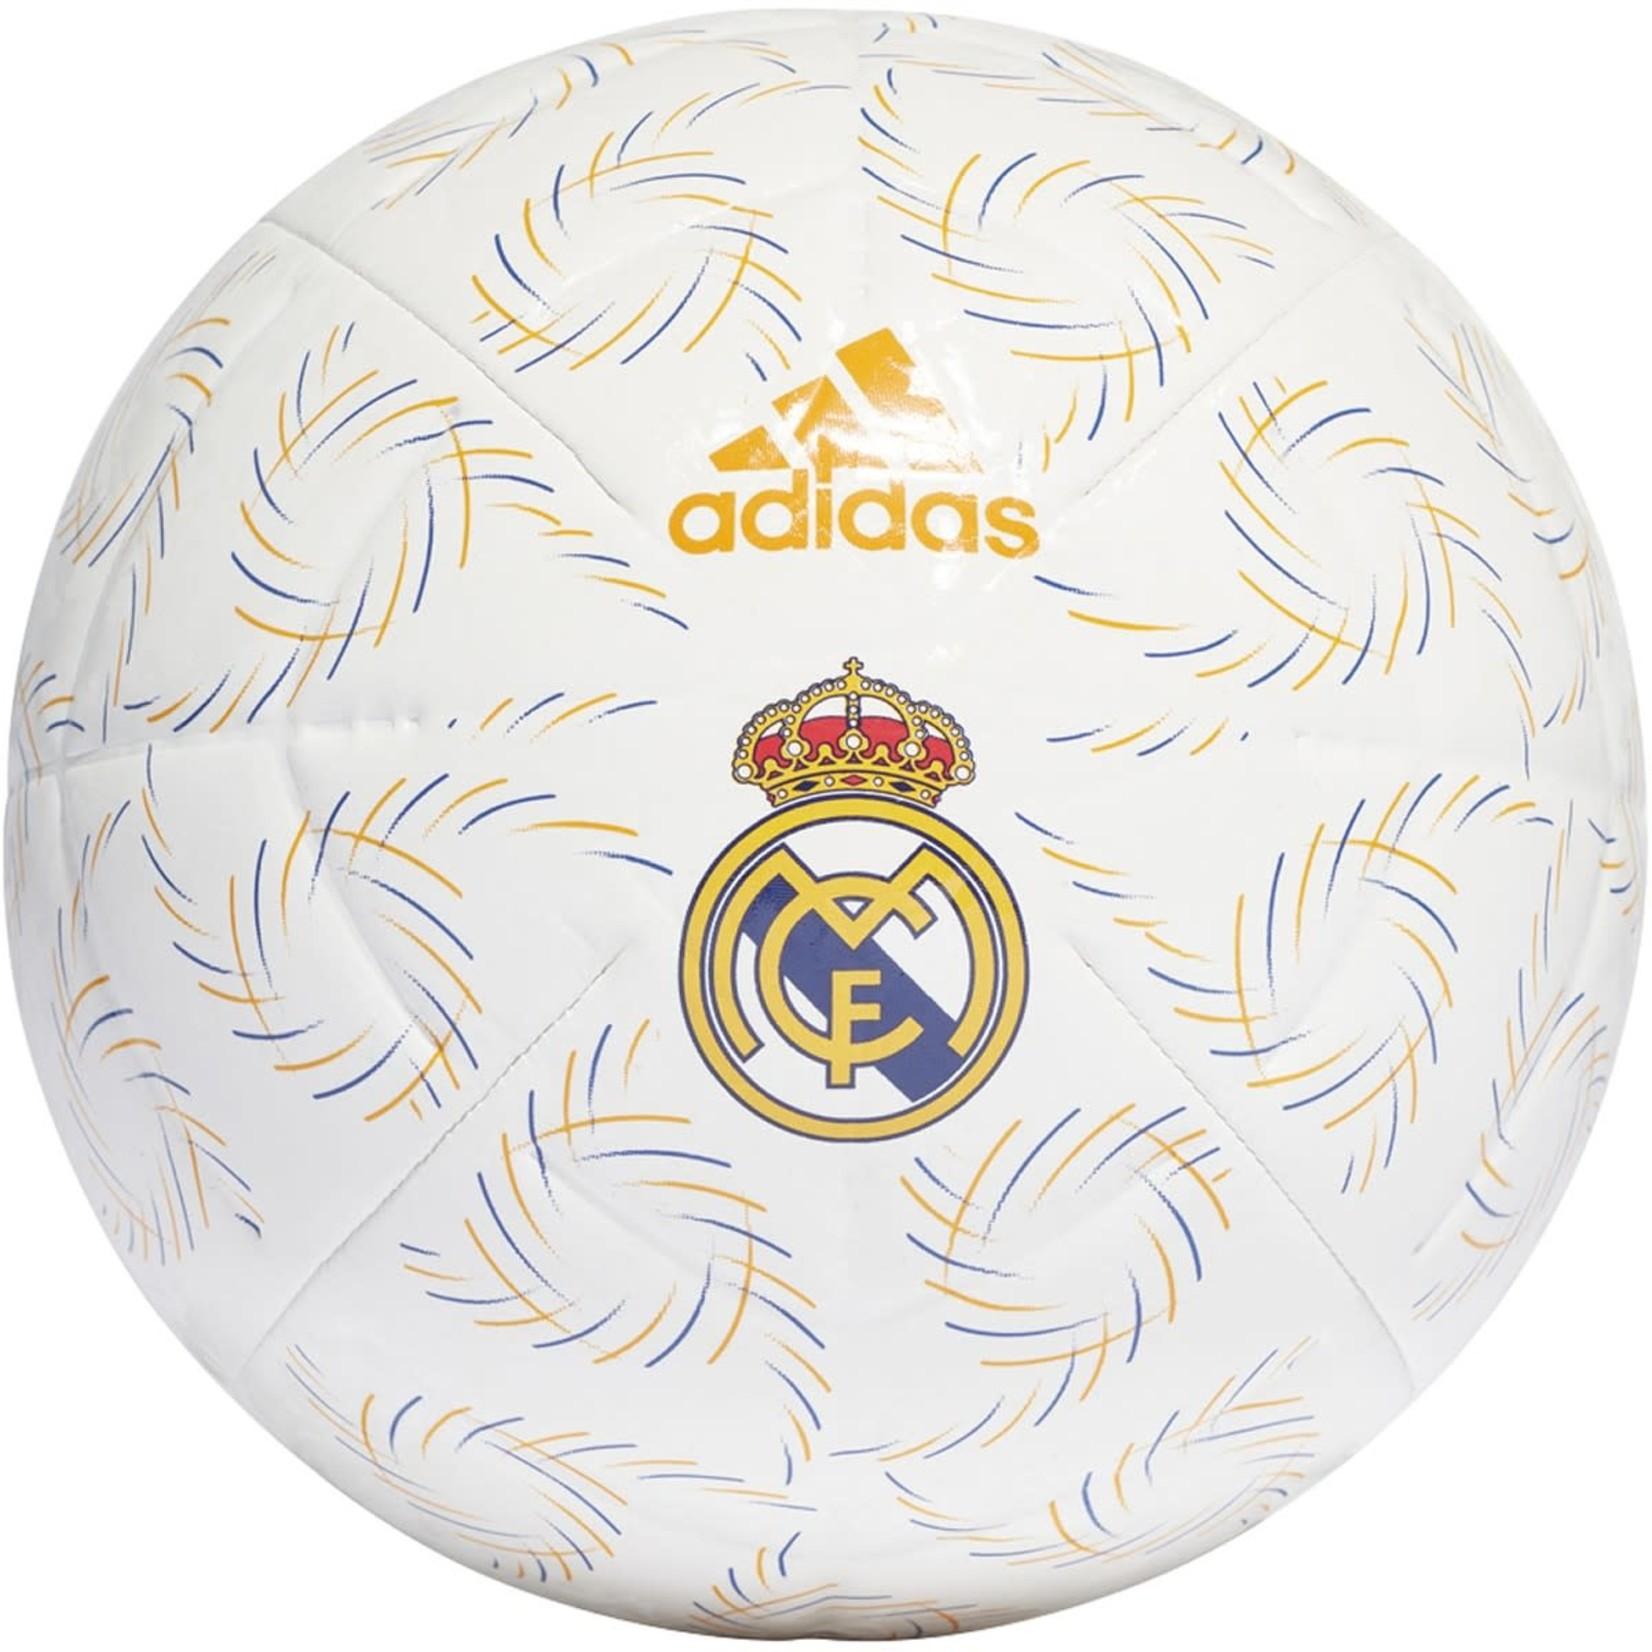 ADIDAS REAL MADRID 21/22 HOME CLUB BALL (WHITE/ORANGE)